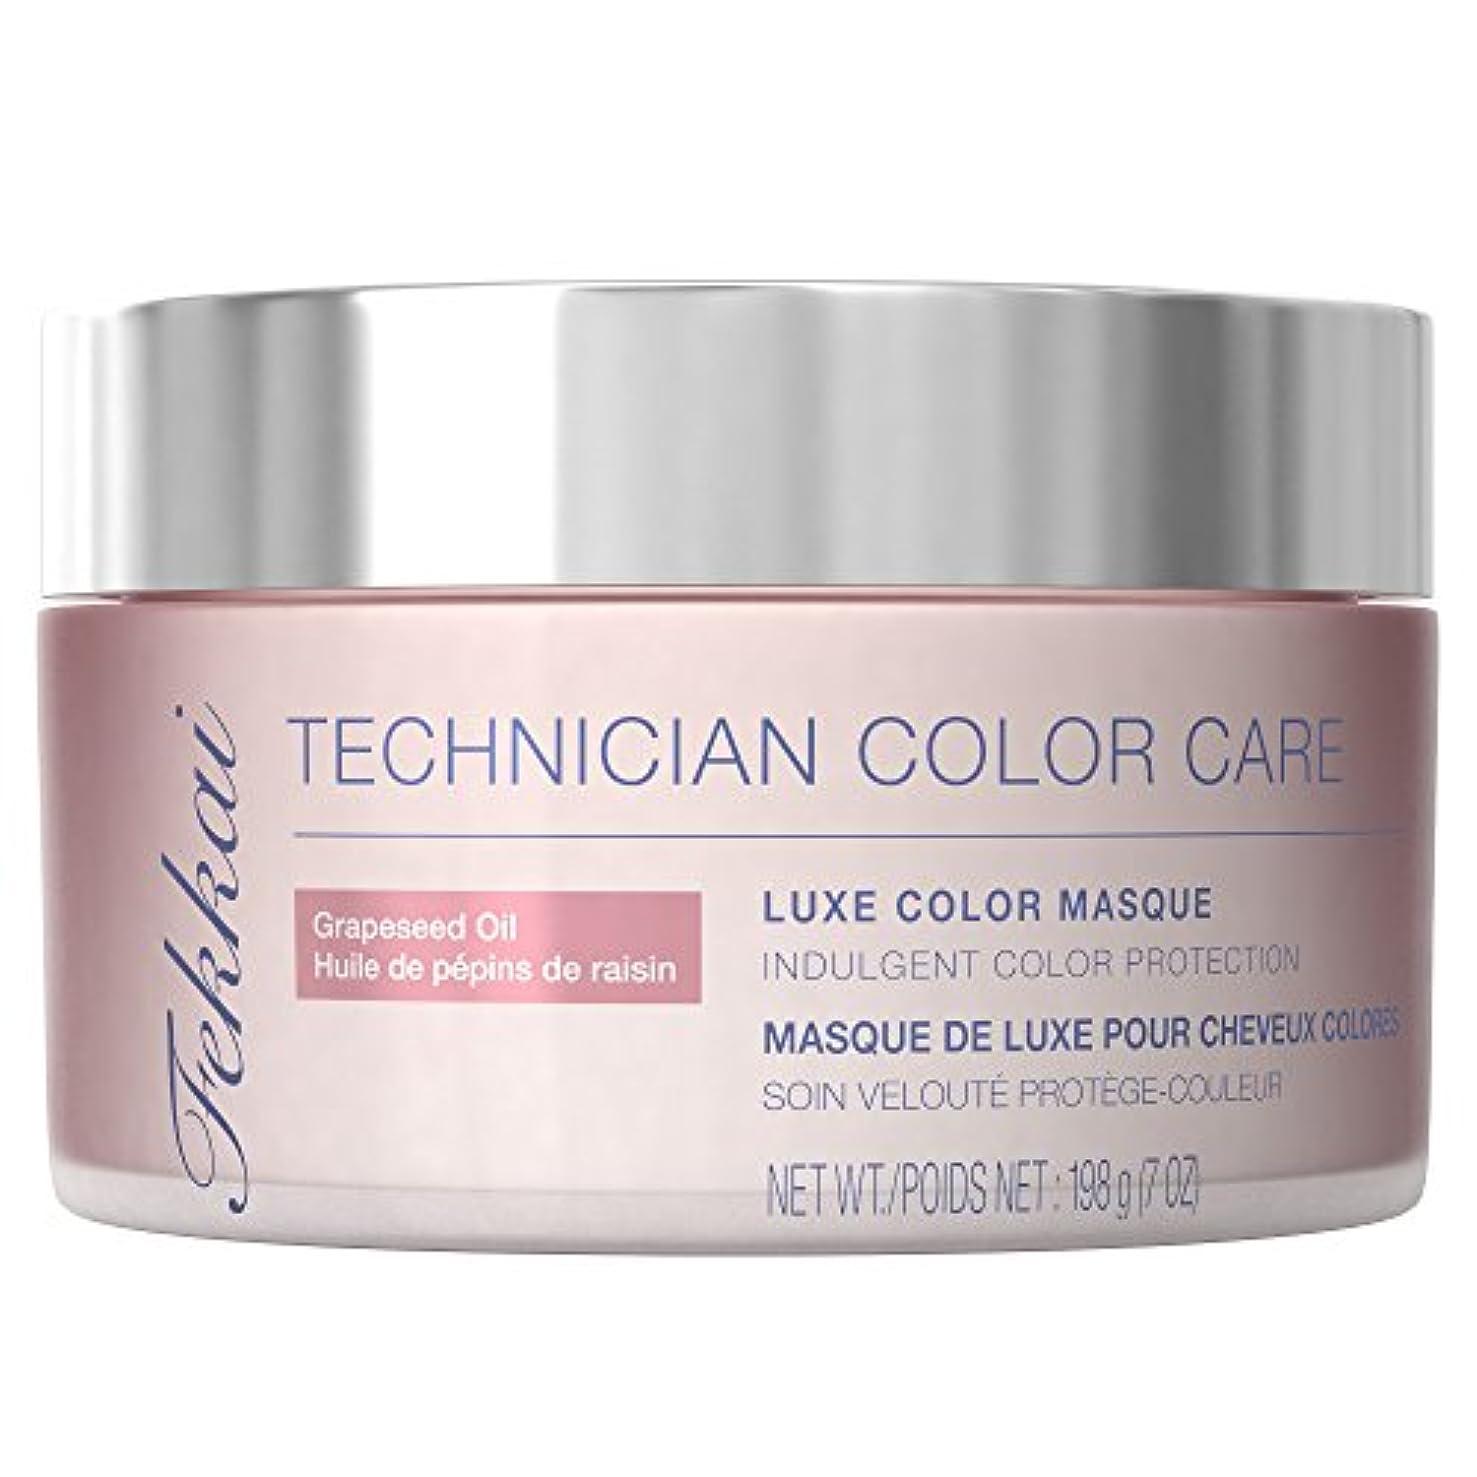 化学年齢素晴らしいですフレデリックフェッカイ Technician Color Care Luxe Color Masque (Indulgent Color Protection) 198g/7oz [海外直送品]